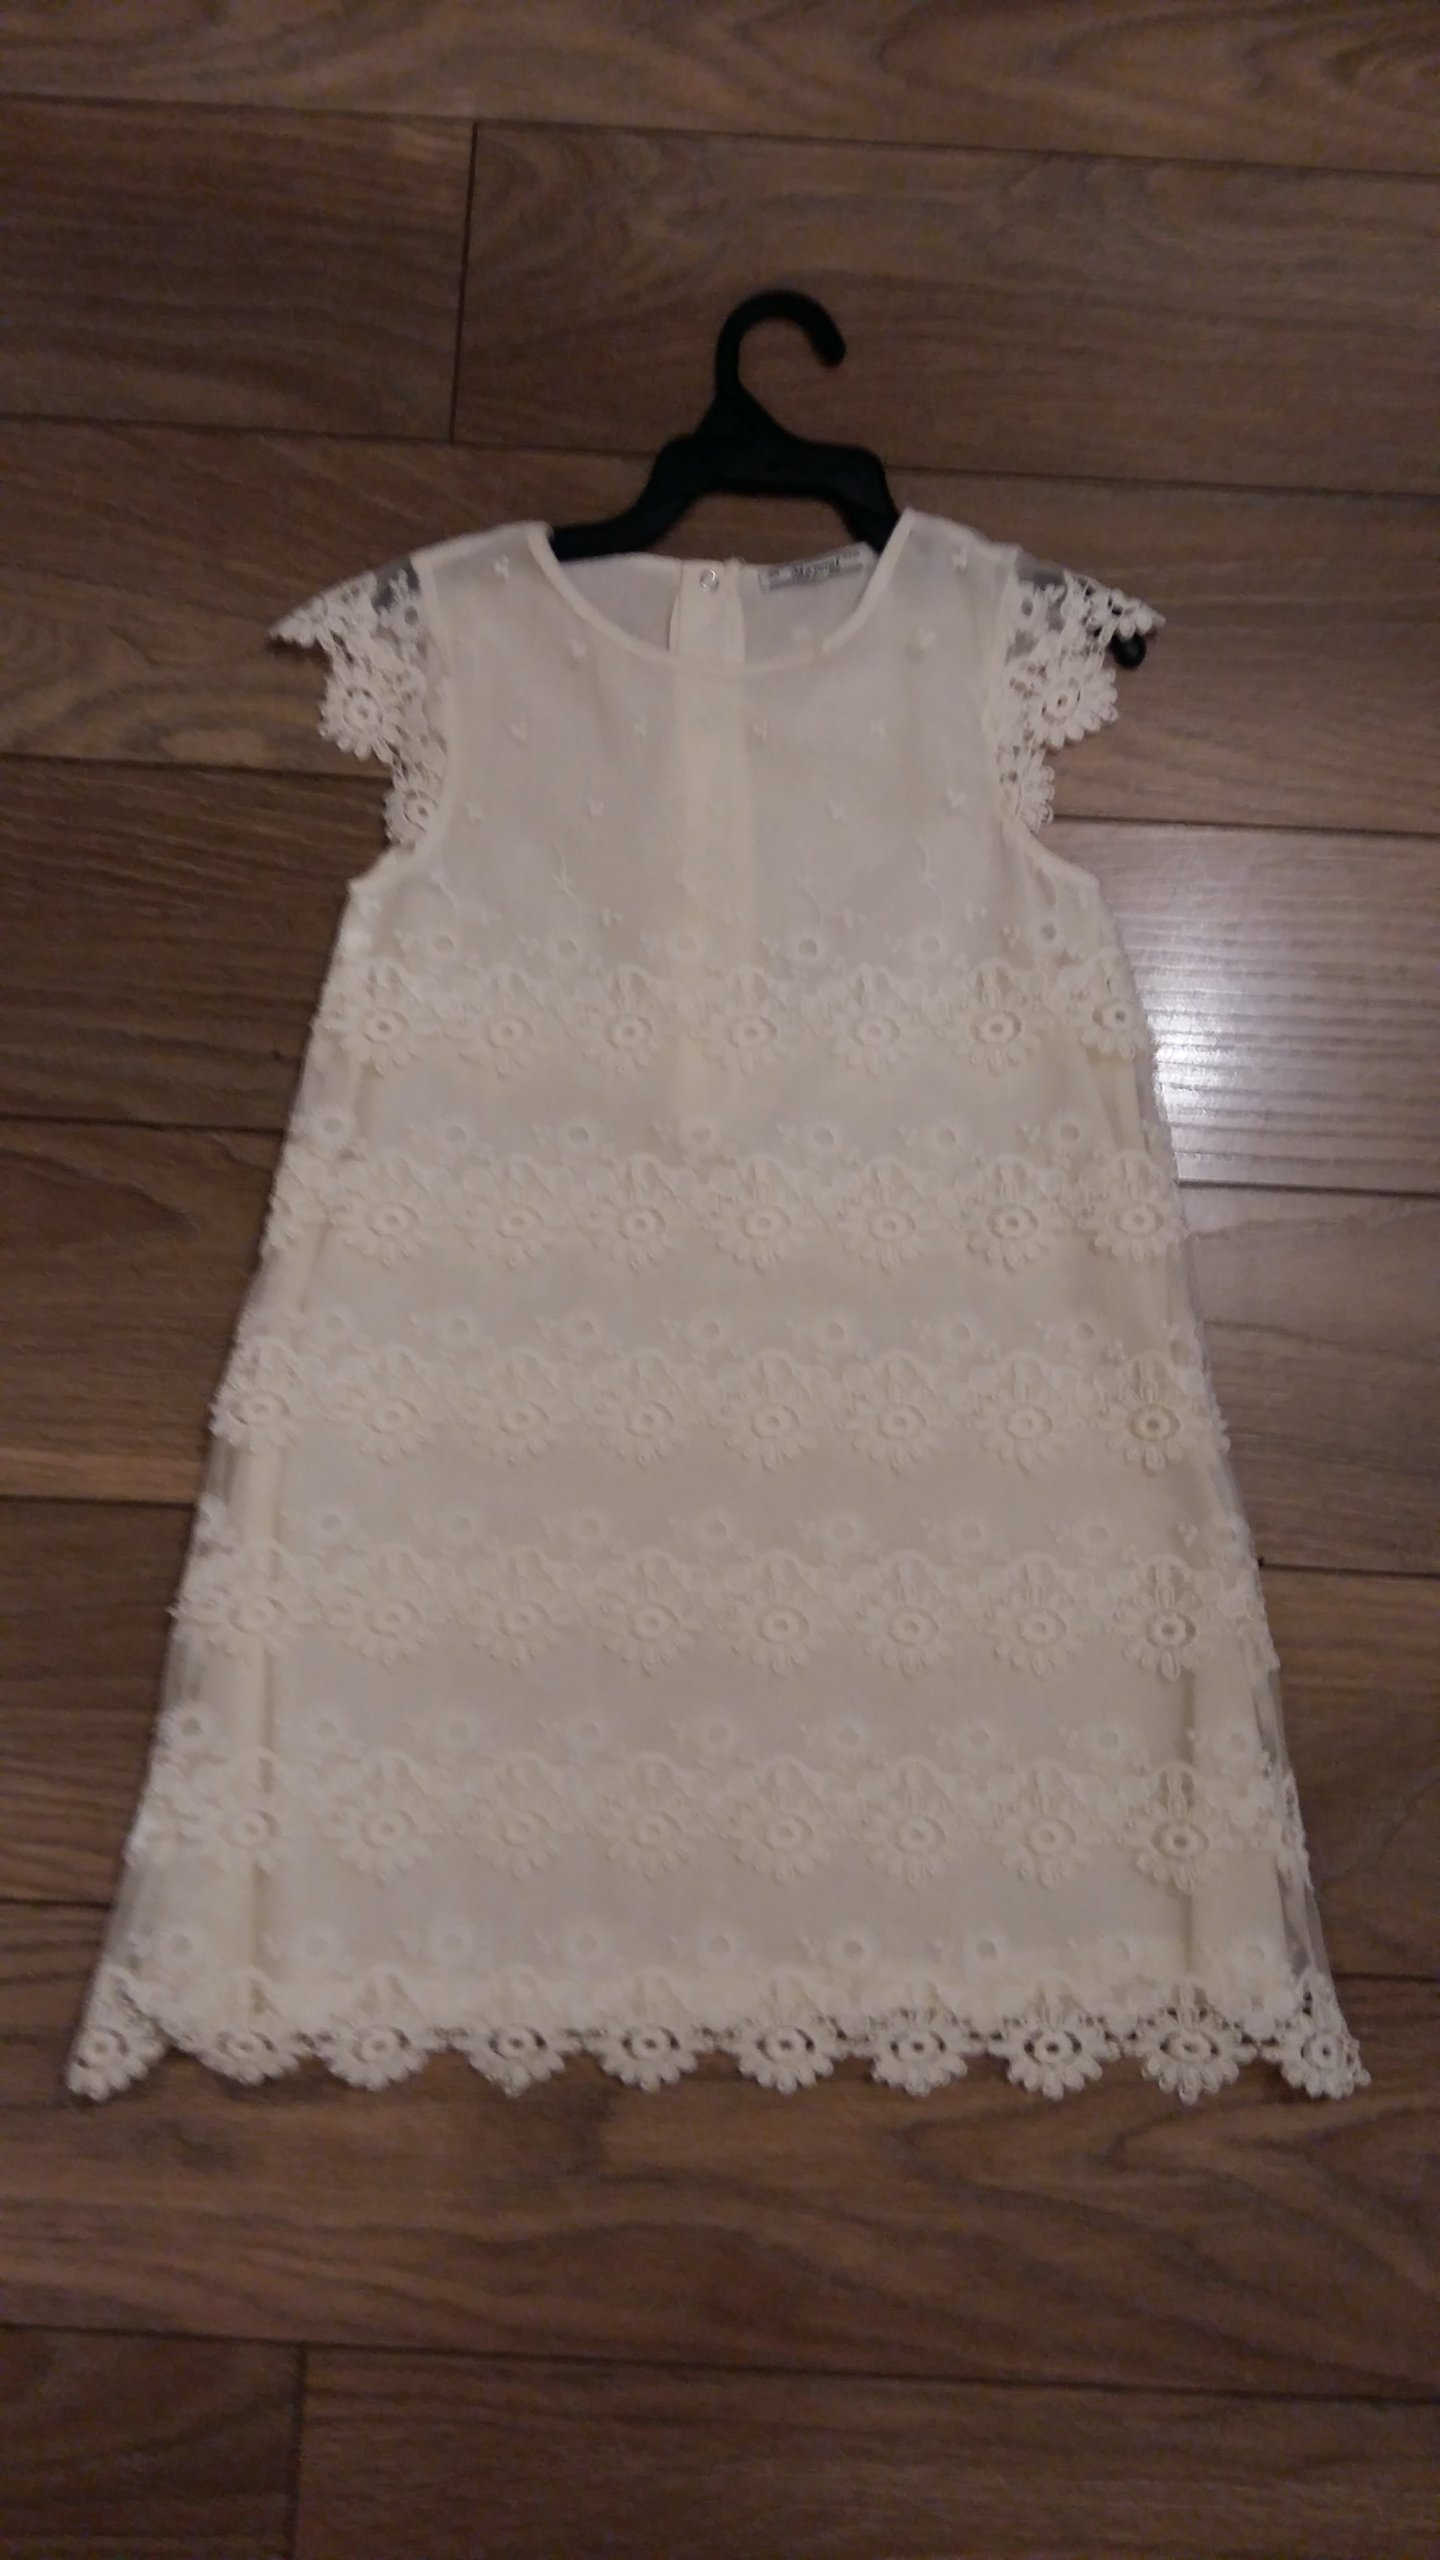 1f335be68d Mayoral koronkowa sukienka 128 okazja!!! - 7104724228 - oficjalne ...